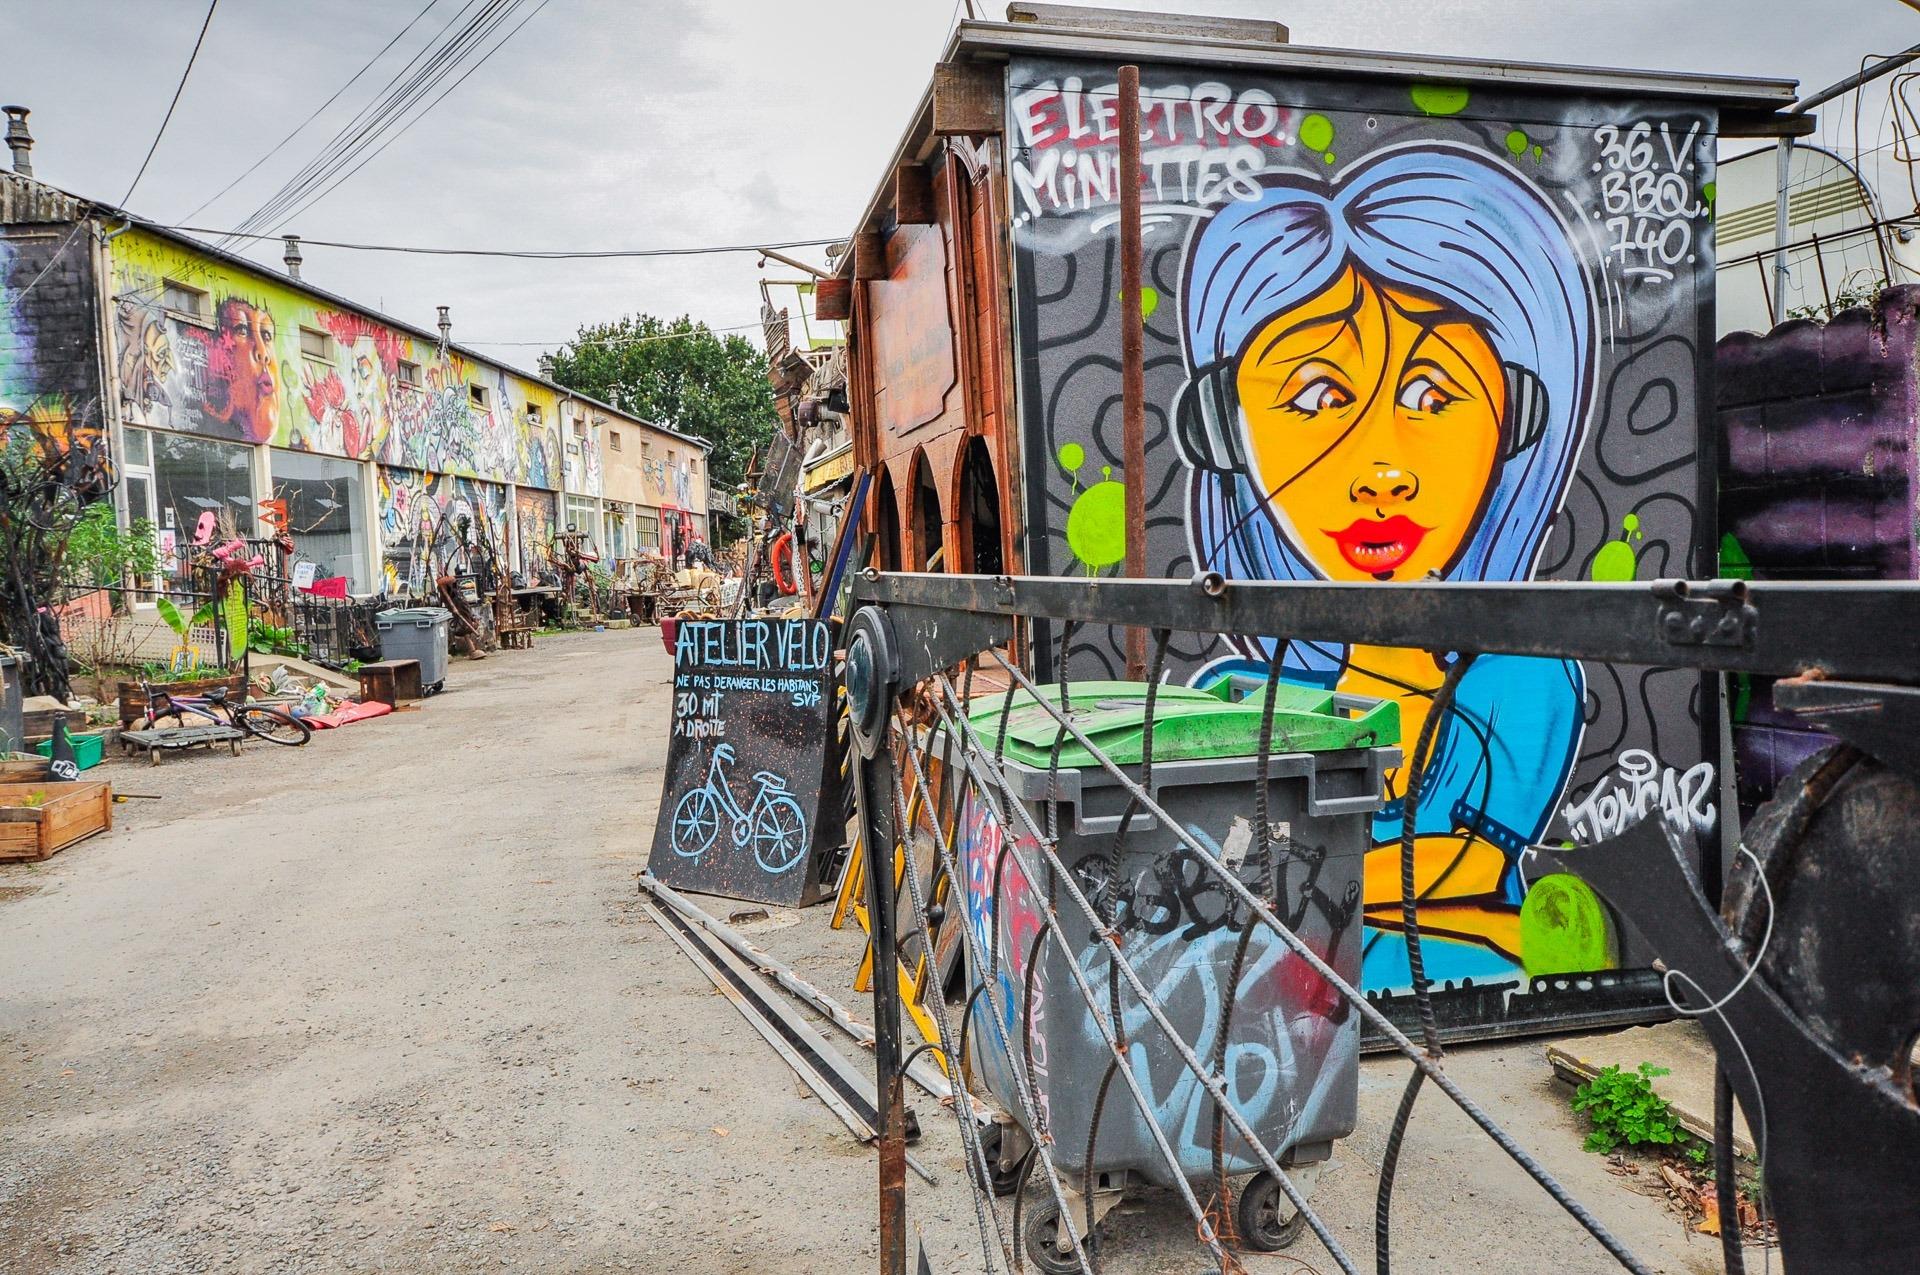 Une rue avec des graffitis